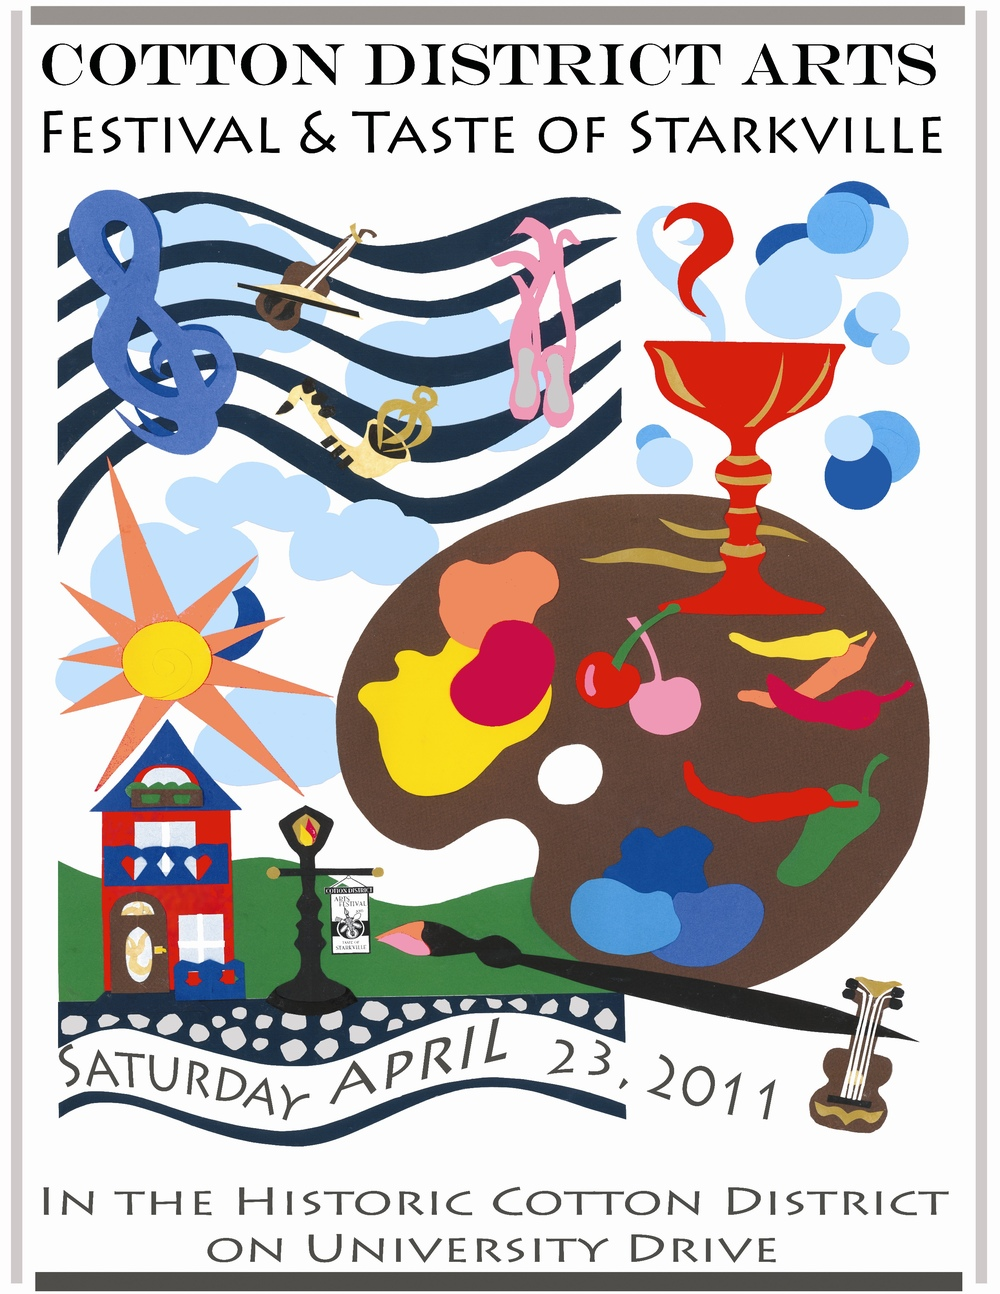 2011 CDAF Poster Final 2.jpg